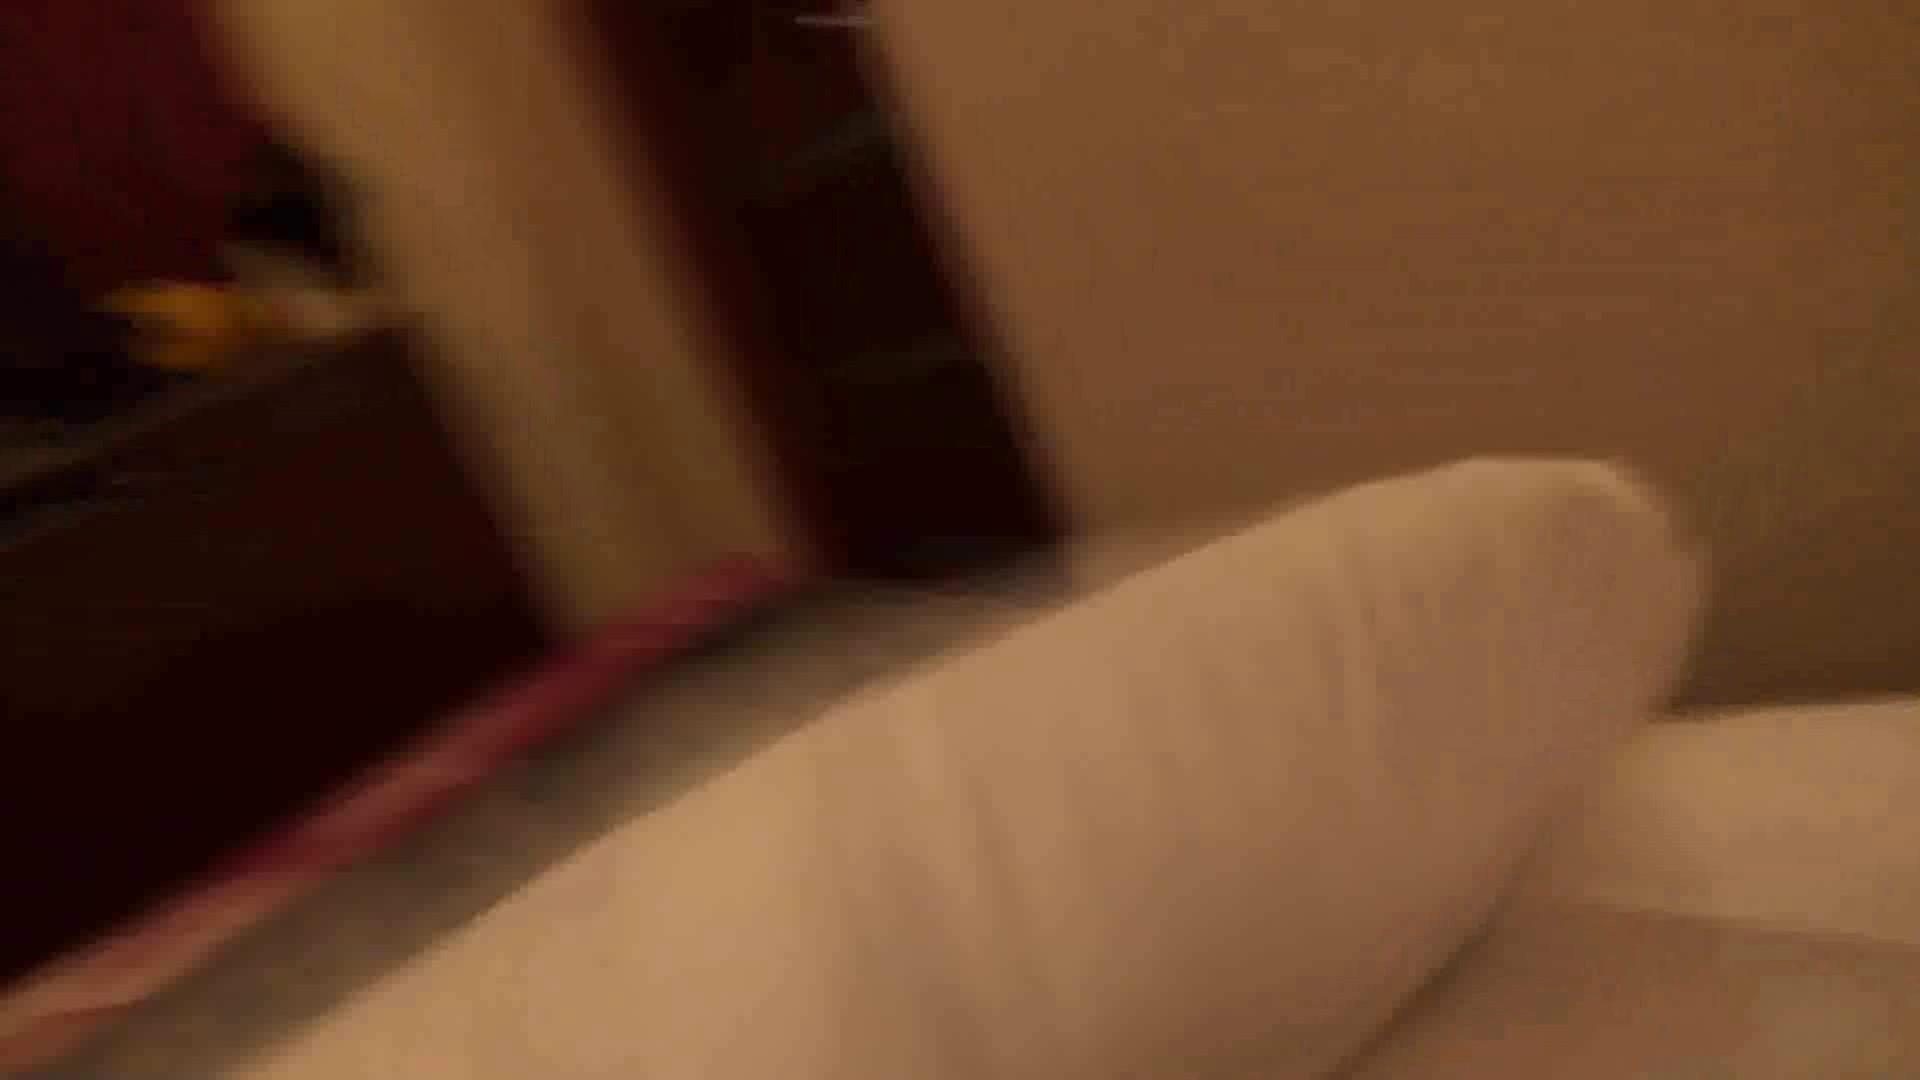 素人S級美女特選!小悪魔ギャル噂のビッチガールVol.52 前編 すけべな素人 すけべAV動画紹介 80画像 47